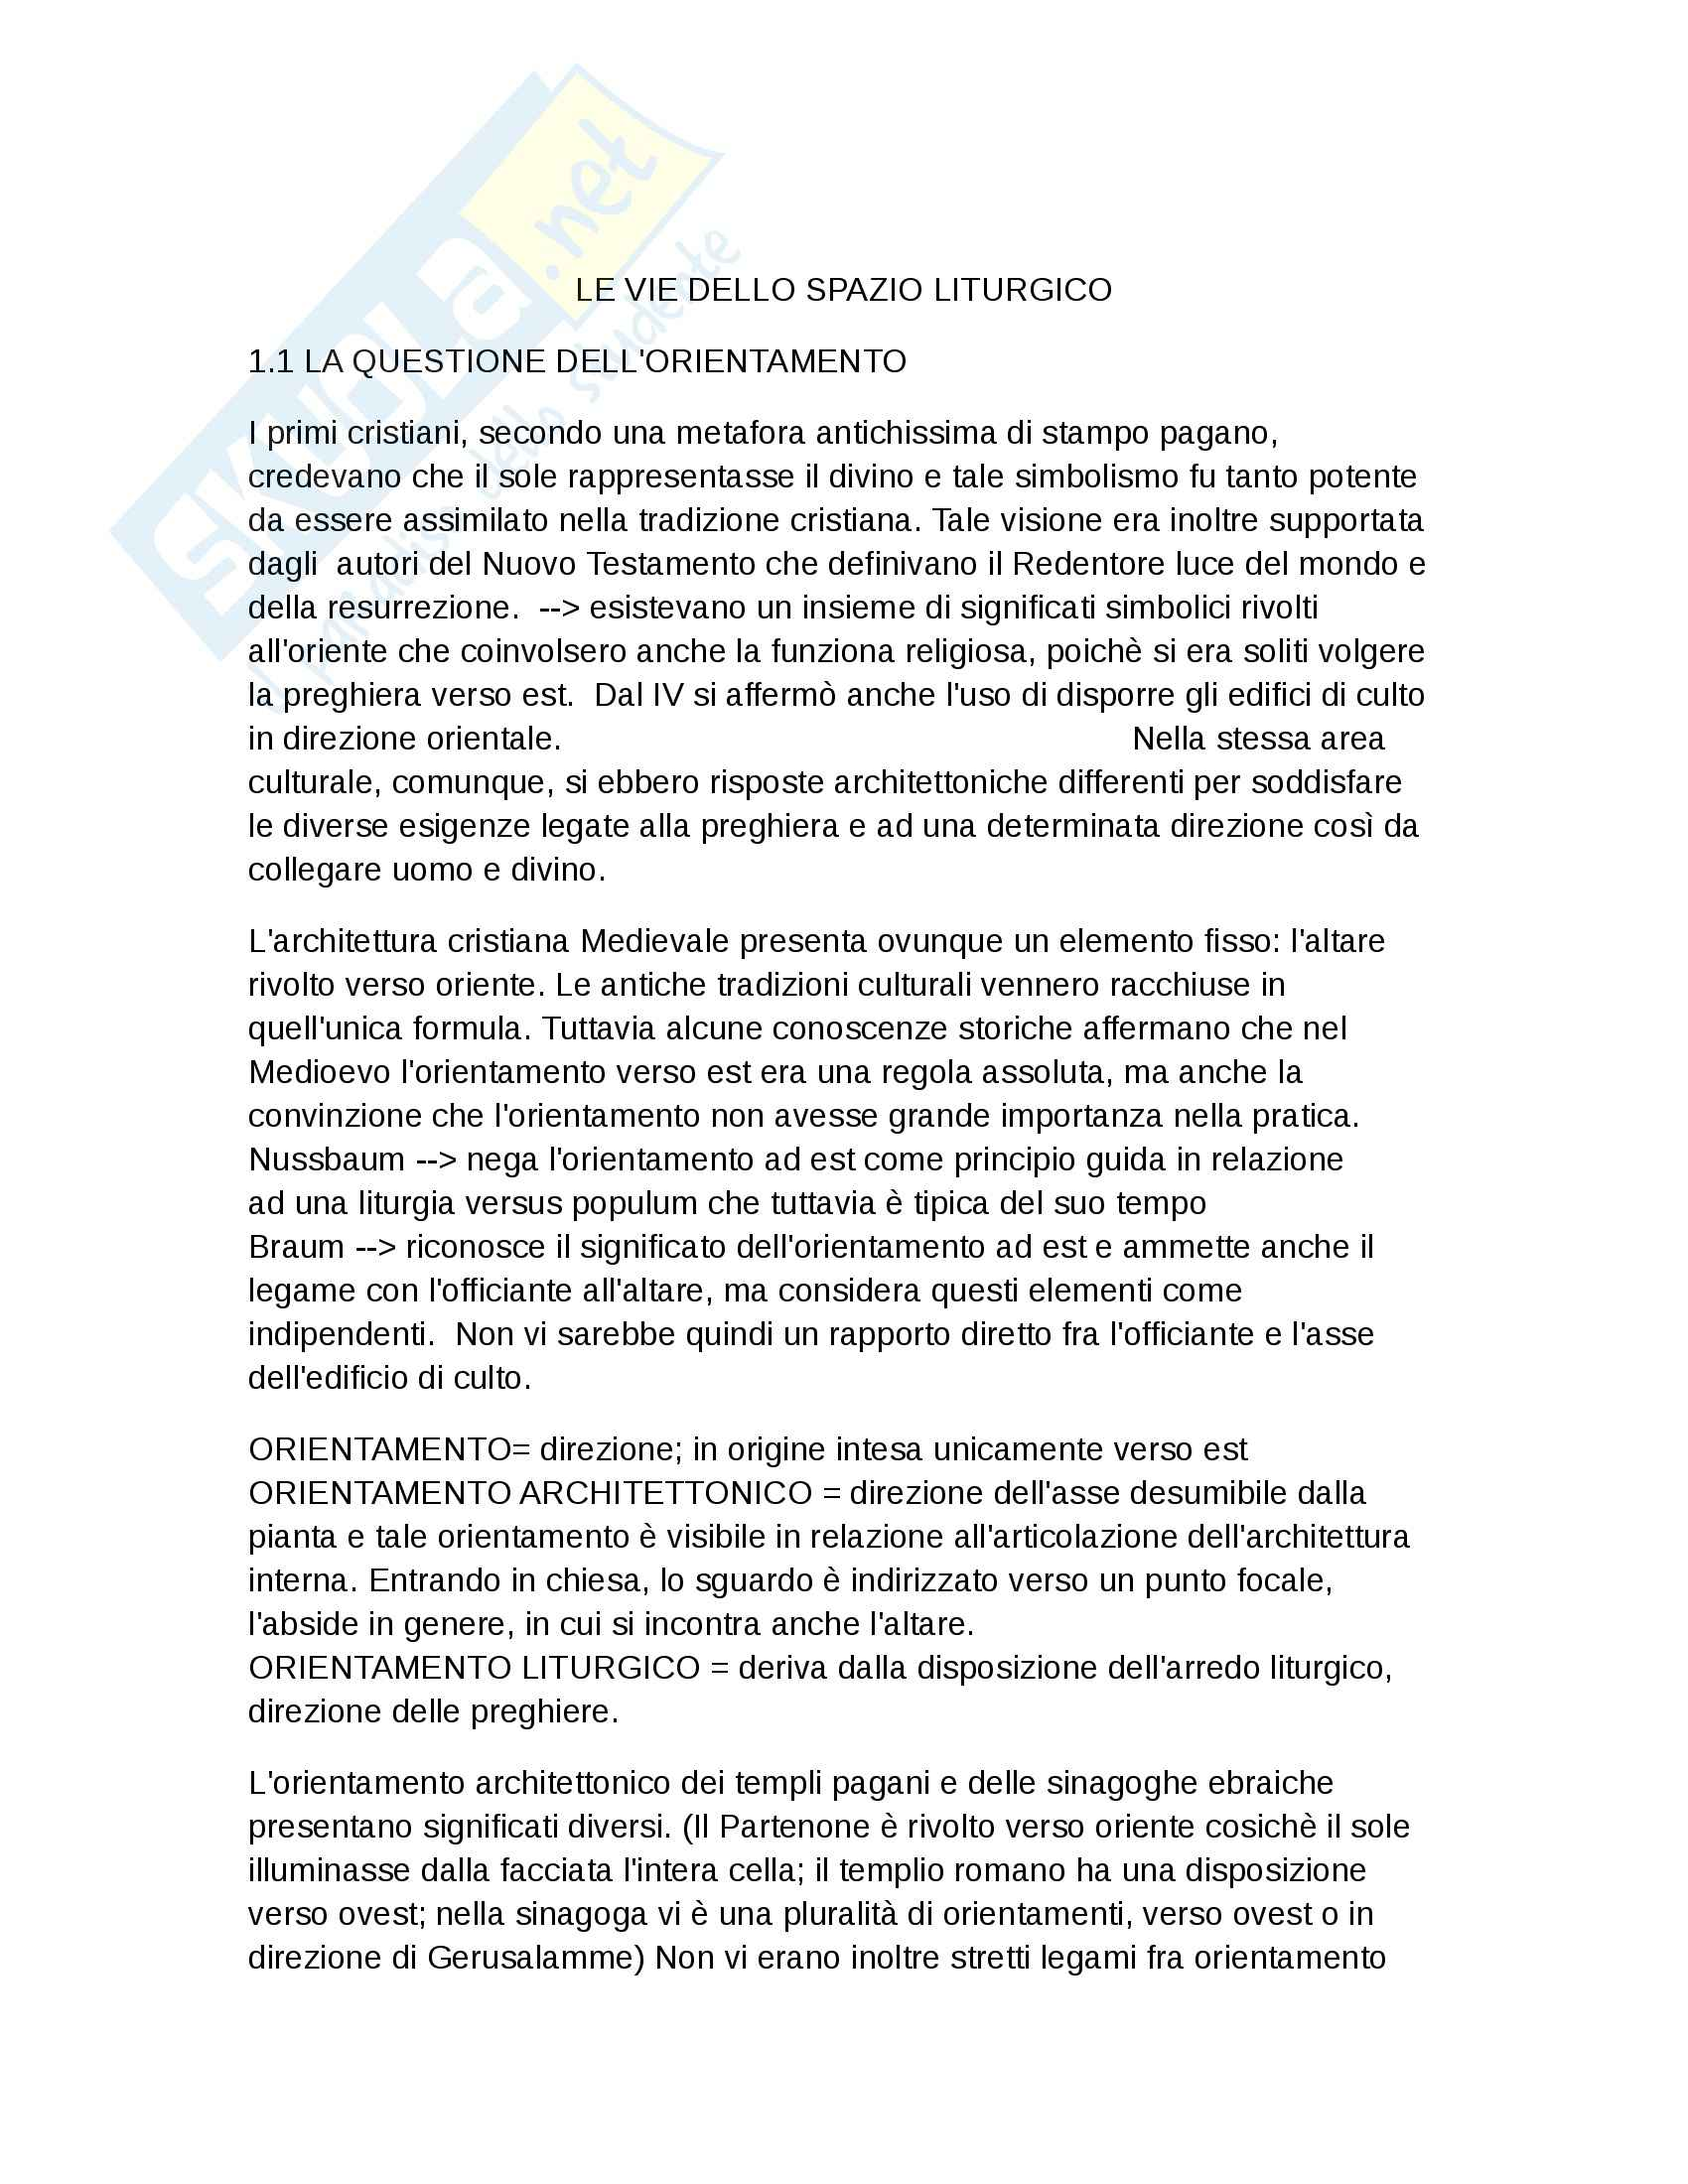 Riassunto esame storia dell'arte medievale, Prof Calzona, libro consigliato Le vie dello spazio liturgico, Piva, 1 parte